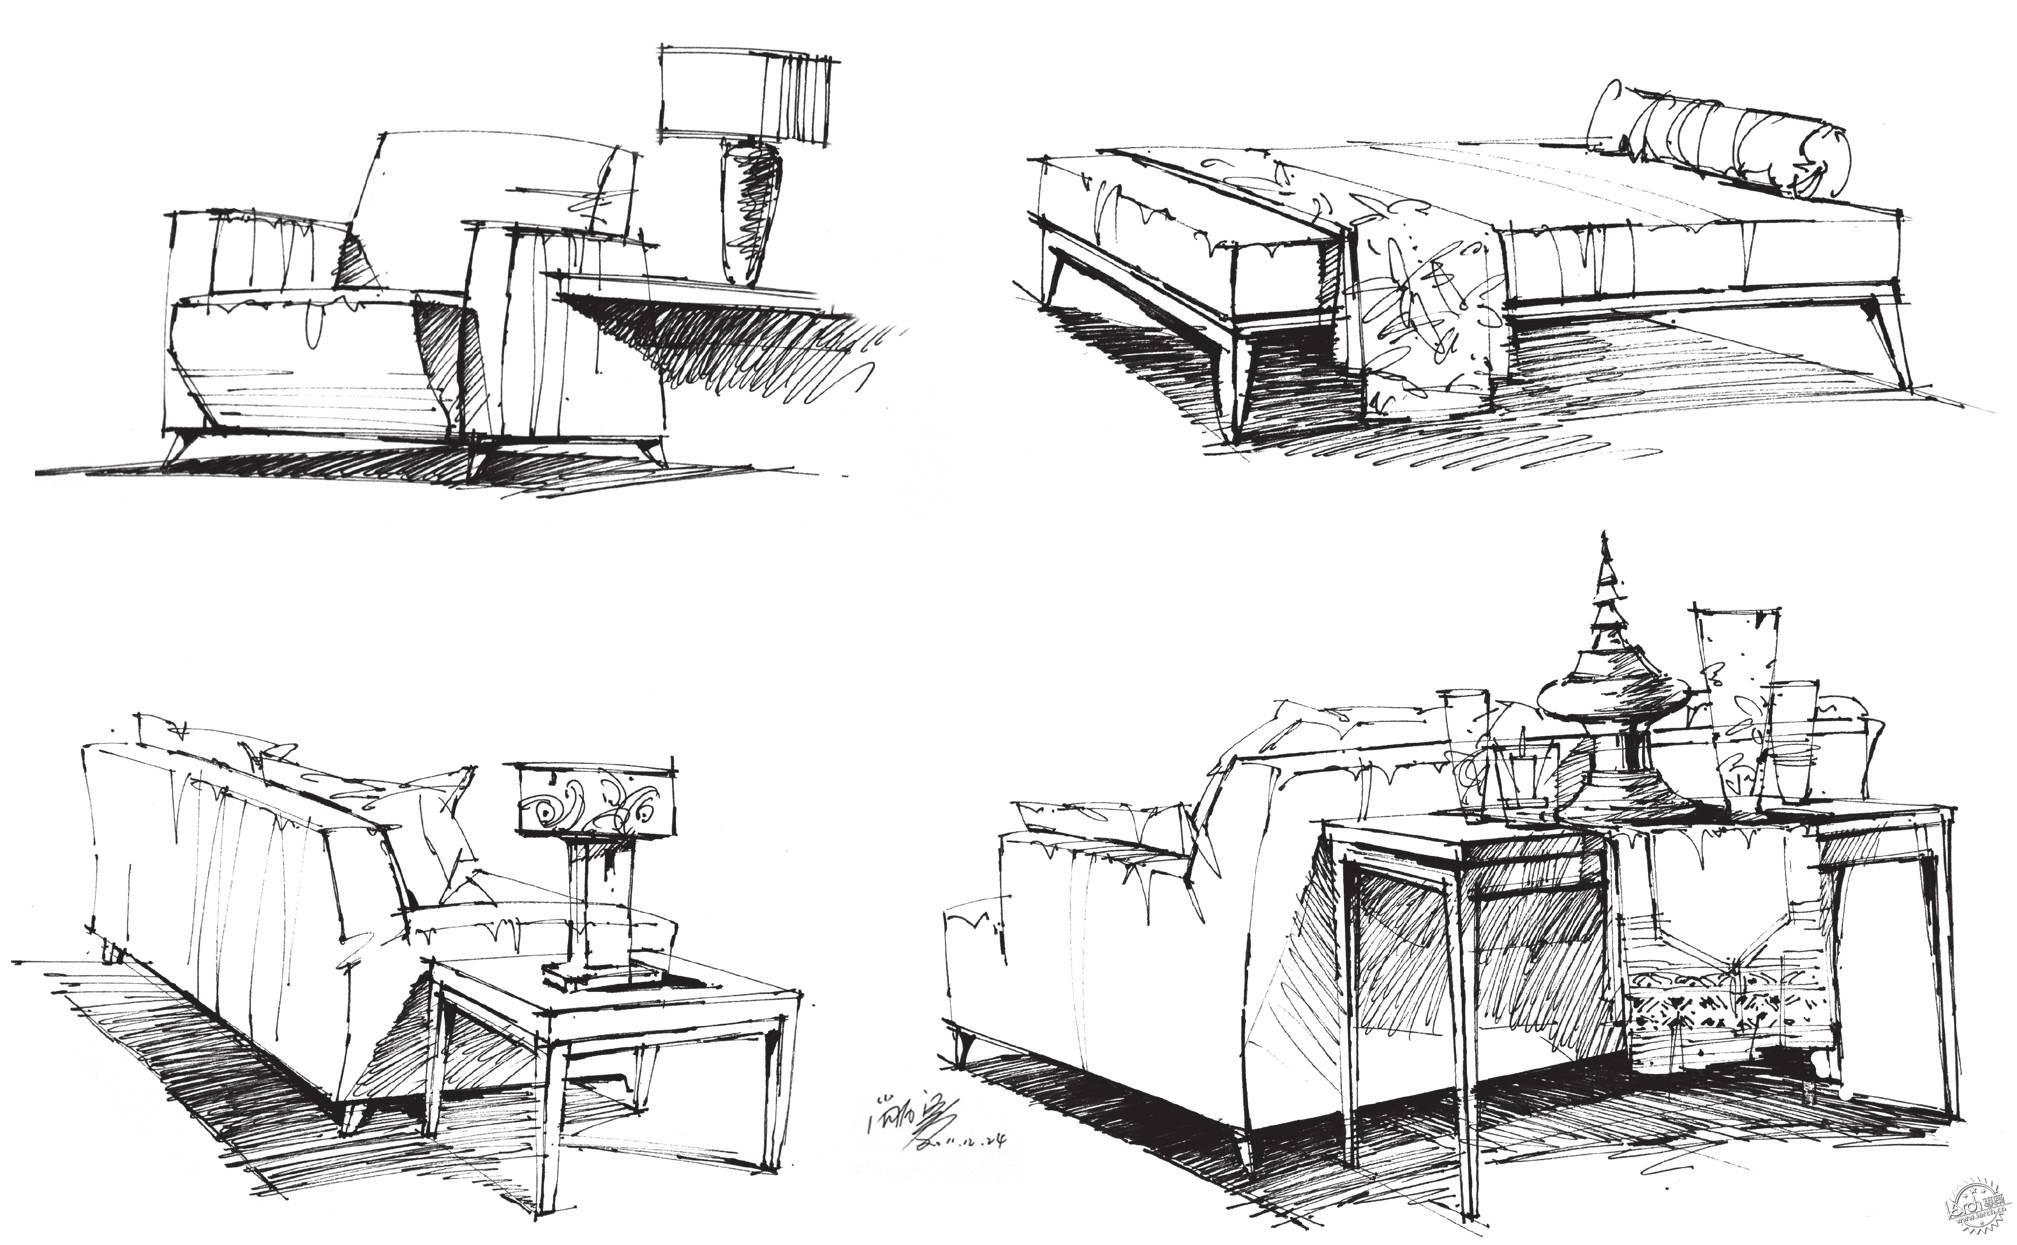 步骤四:加强光影关系,注意沙发坐垫暗面和投影面的区分,物体投影的